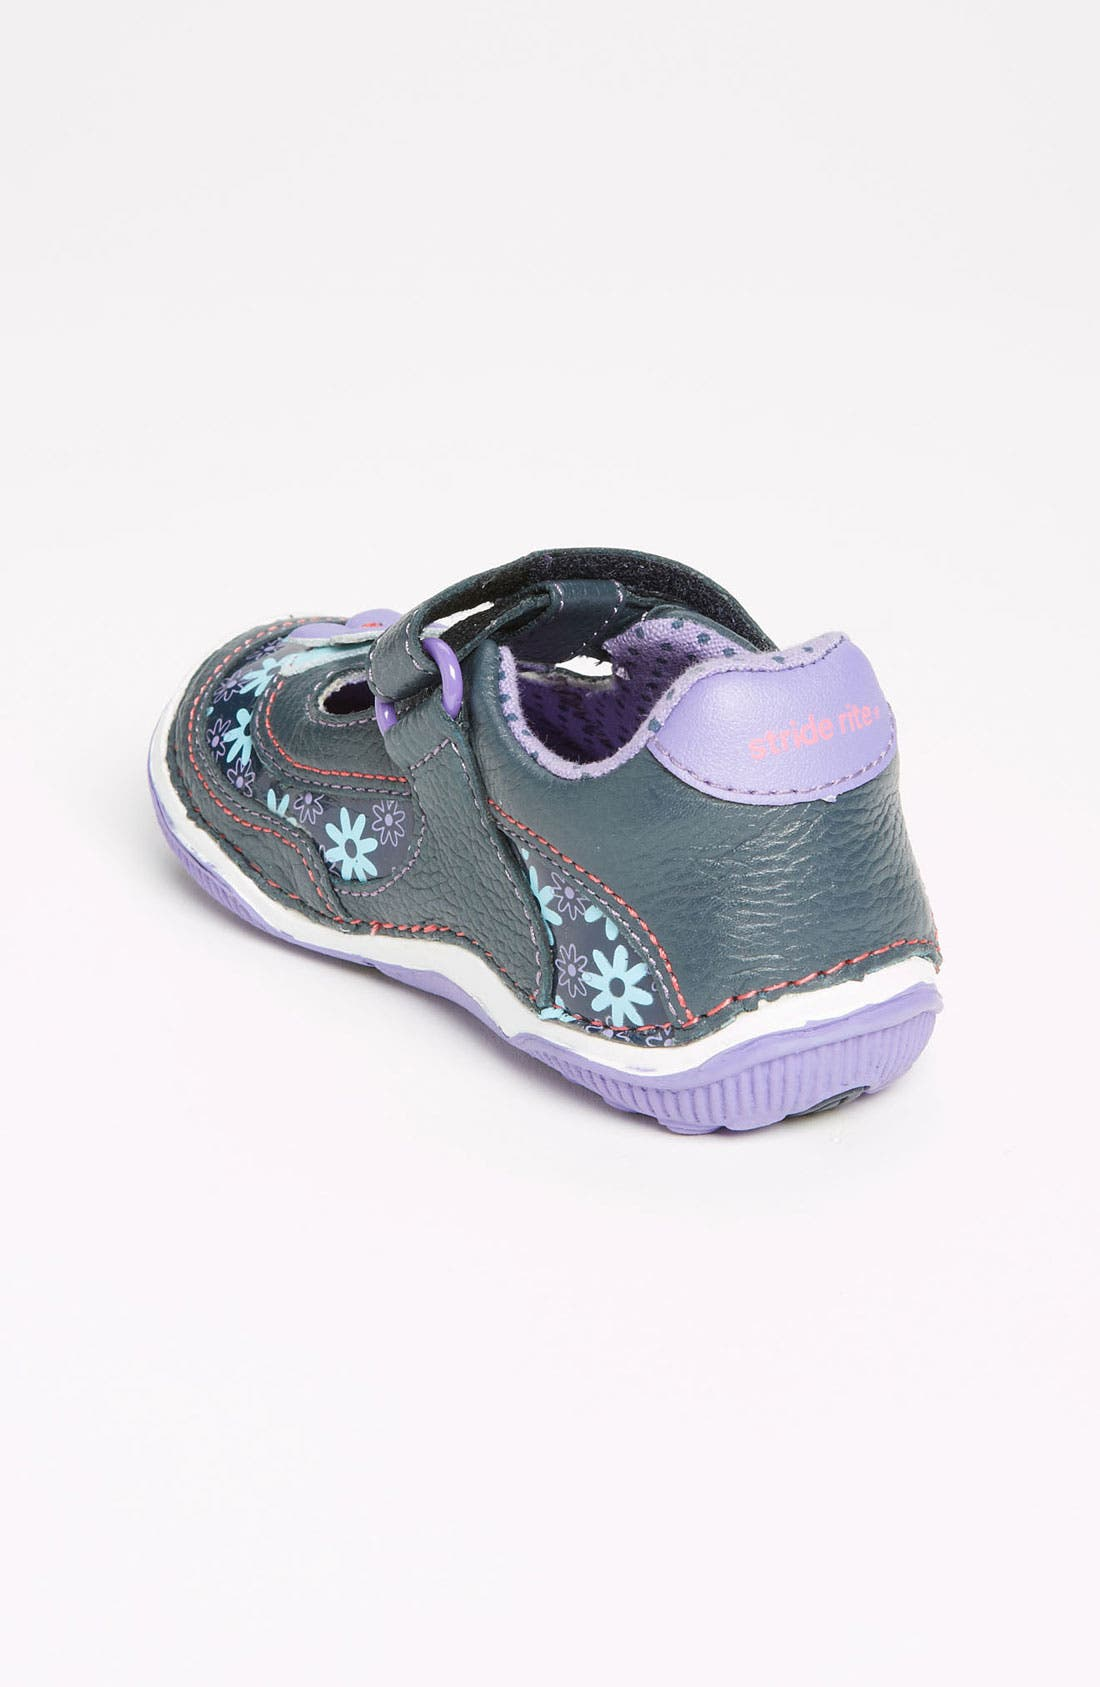 Alternate Image 2  - Stride Rite 'Rain' Sneaker (Baby, Walker & Toddler)